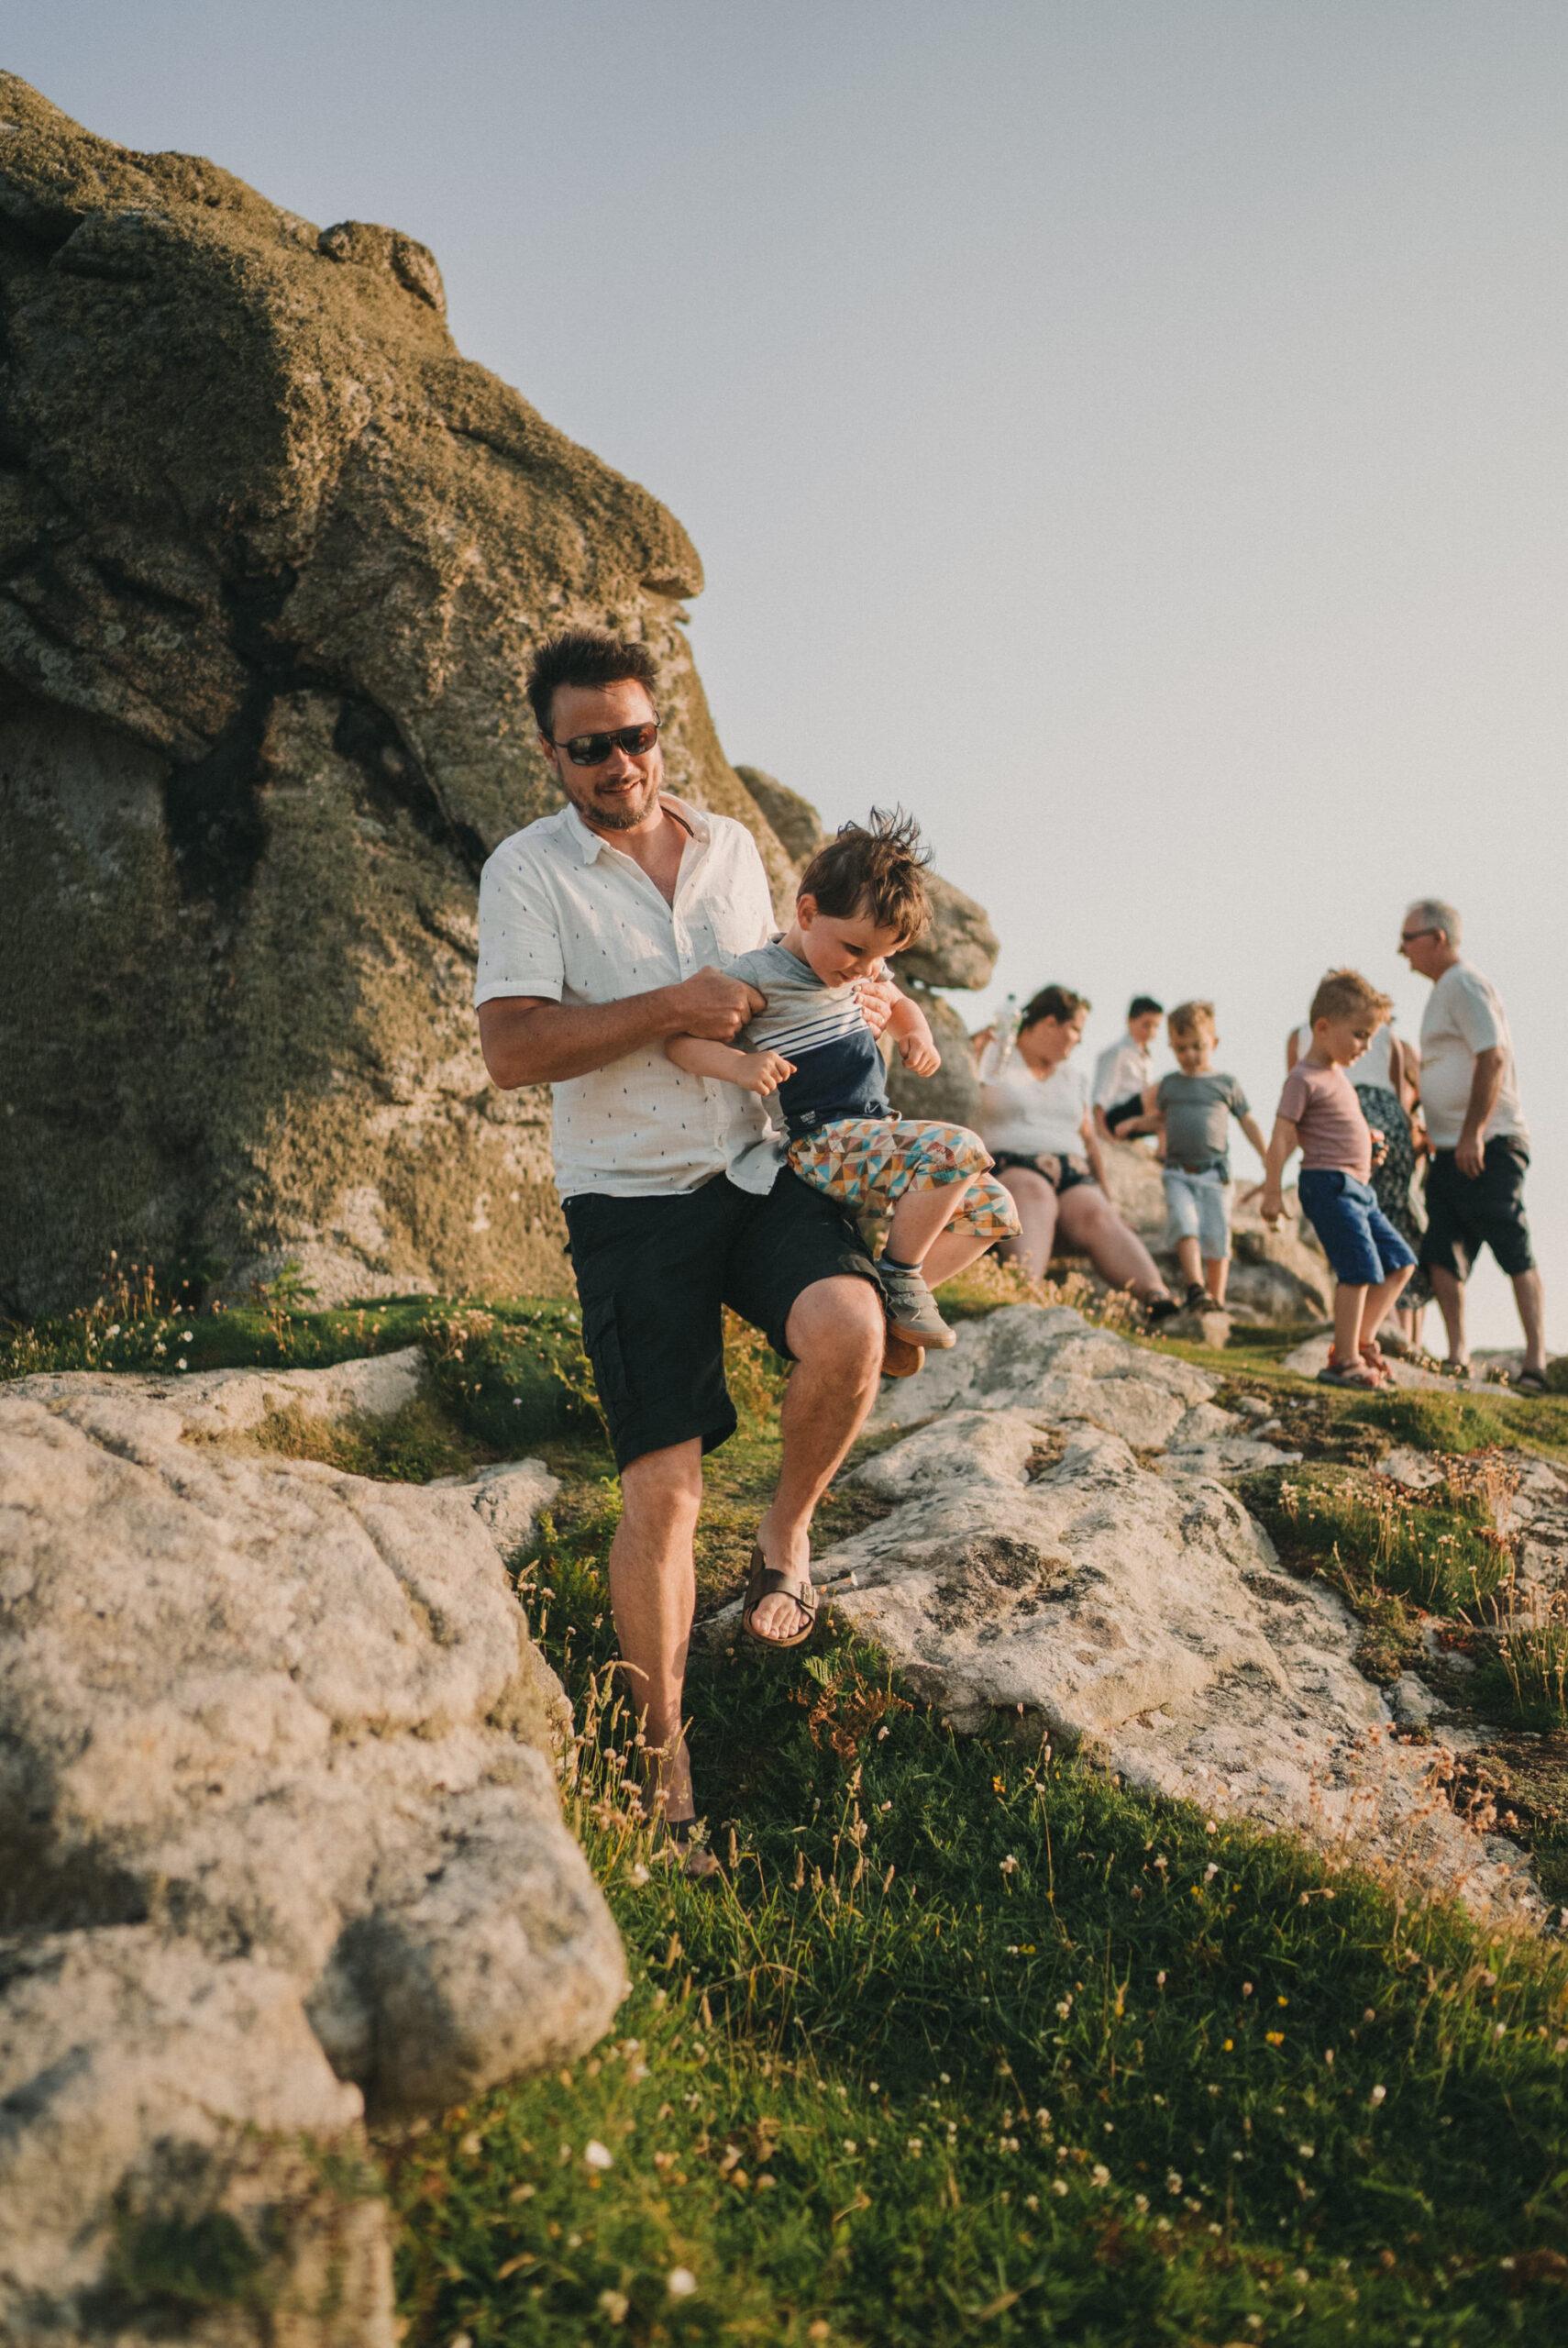 2021.07.20 Photo De Famille A Porspoder En Bretagne Par Antoine Borzeix 207 Scaled, Photographe & Videaste à Brest / Finistère